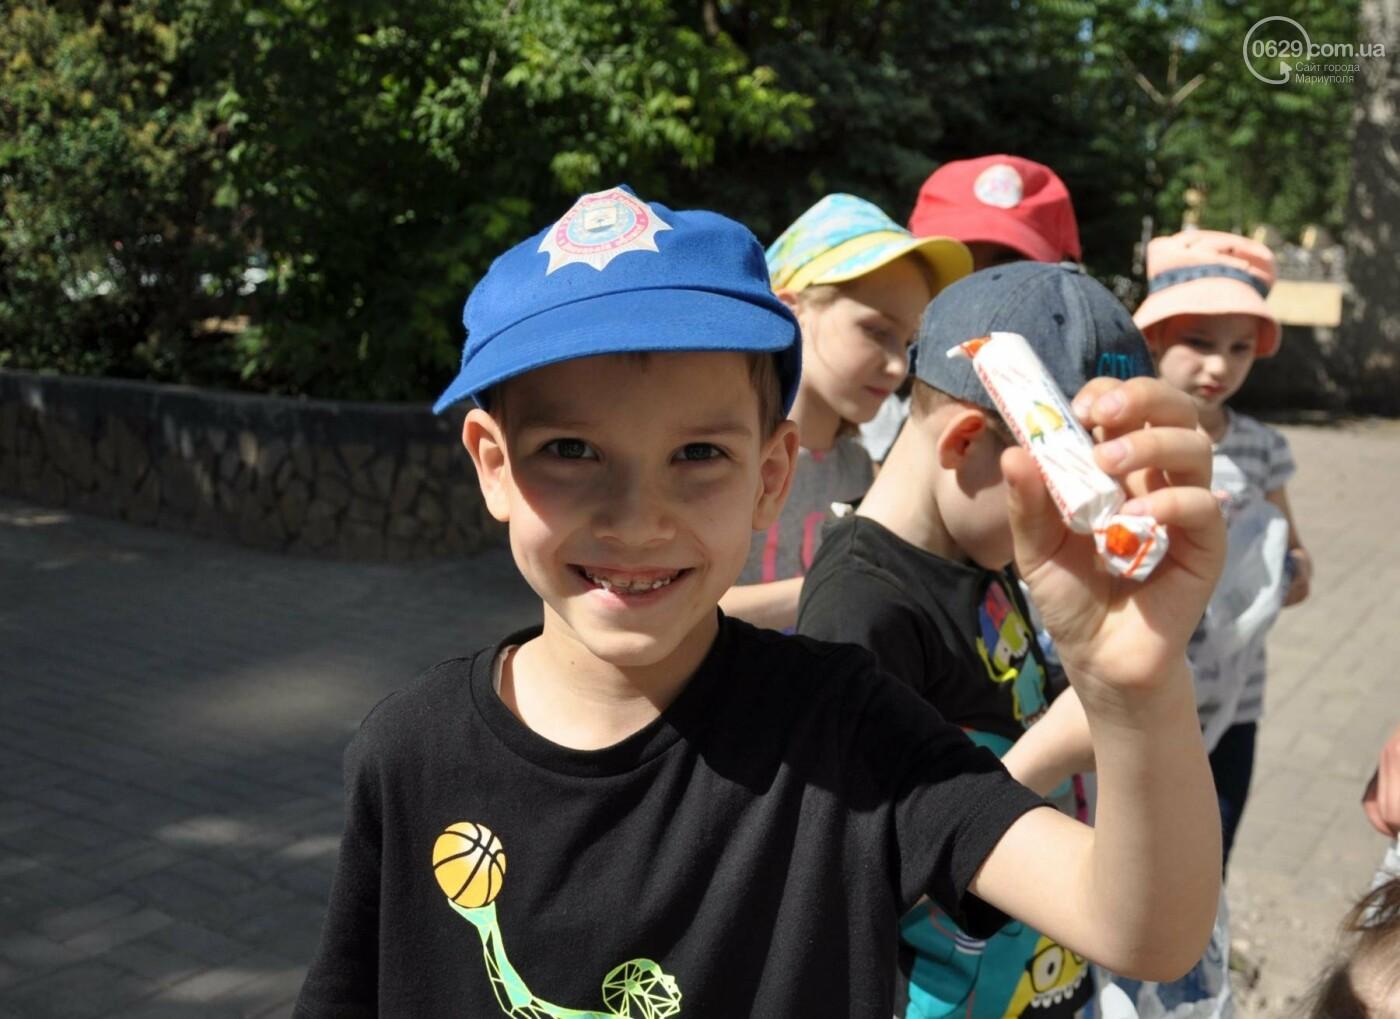 В аптеке «Азовфарм» провели праздник для детей и разыграли призы, фото-11